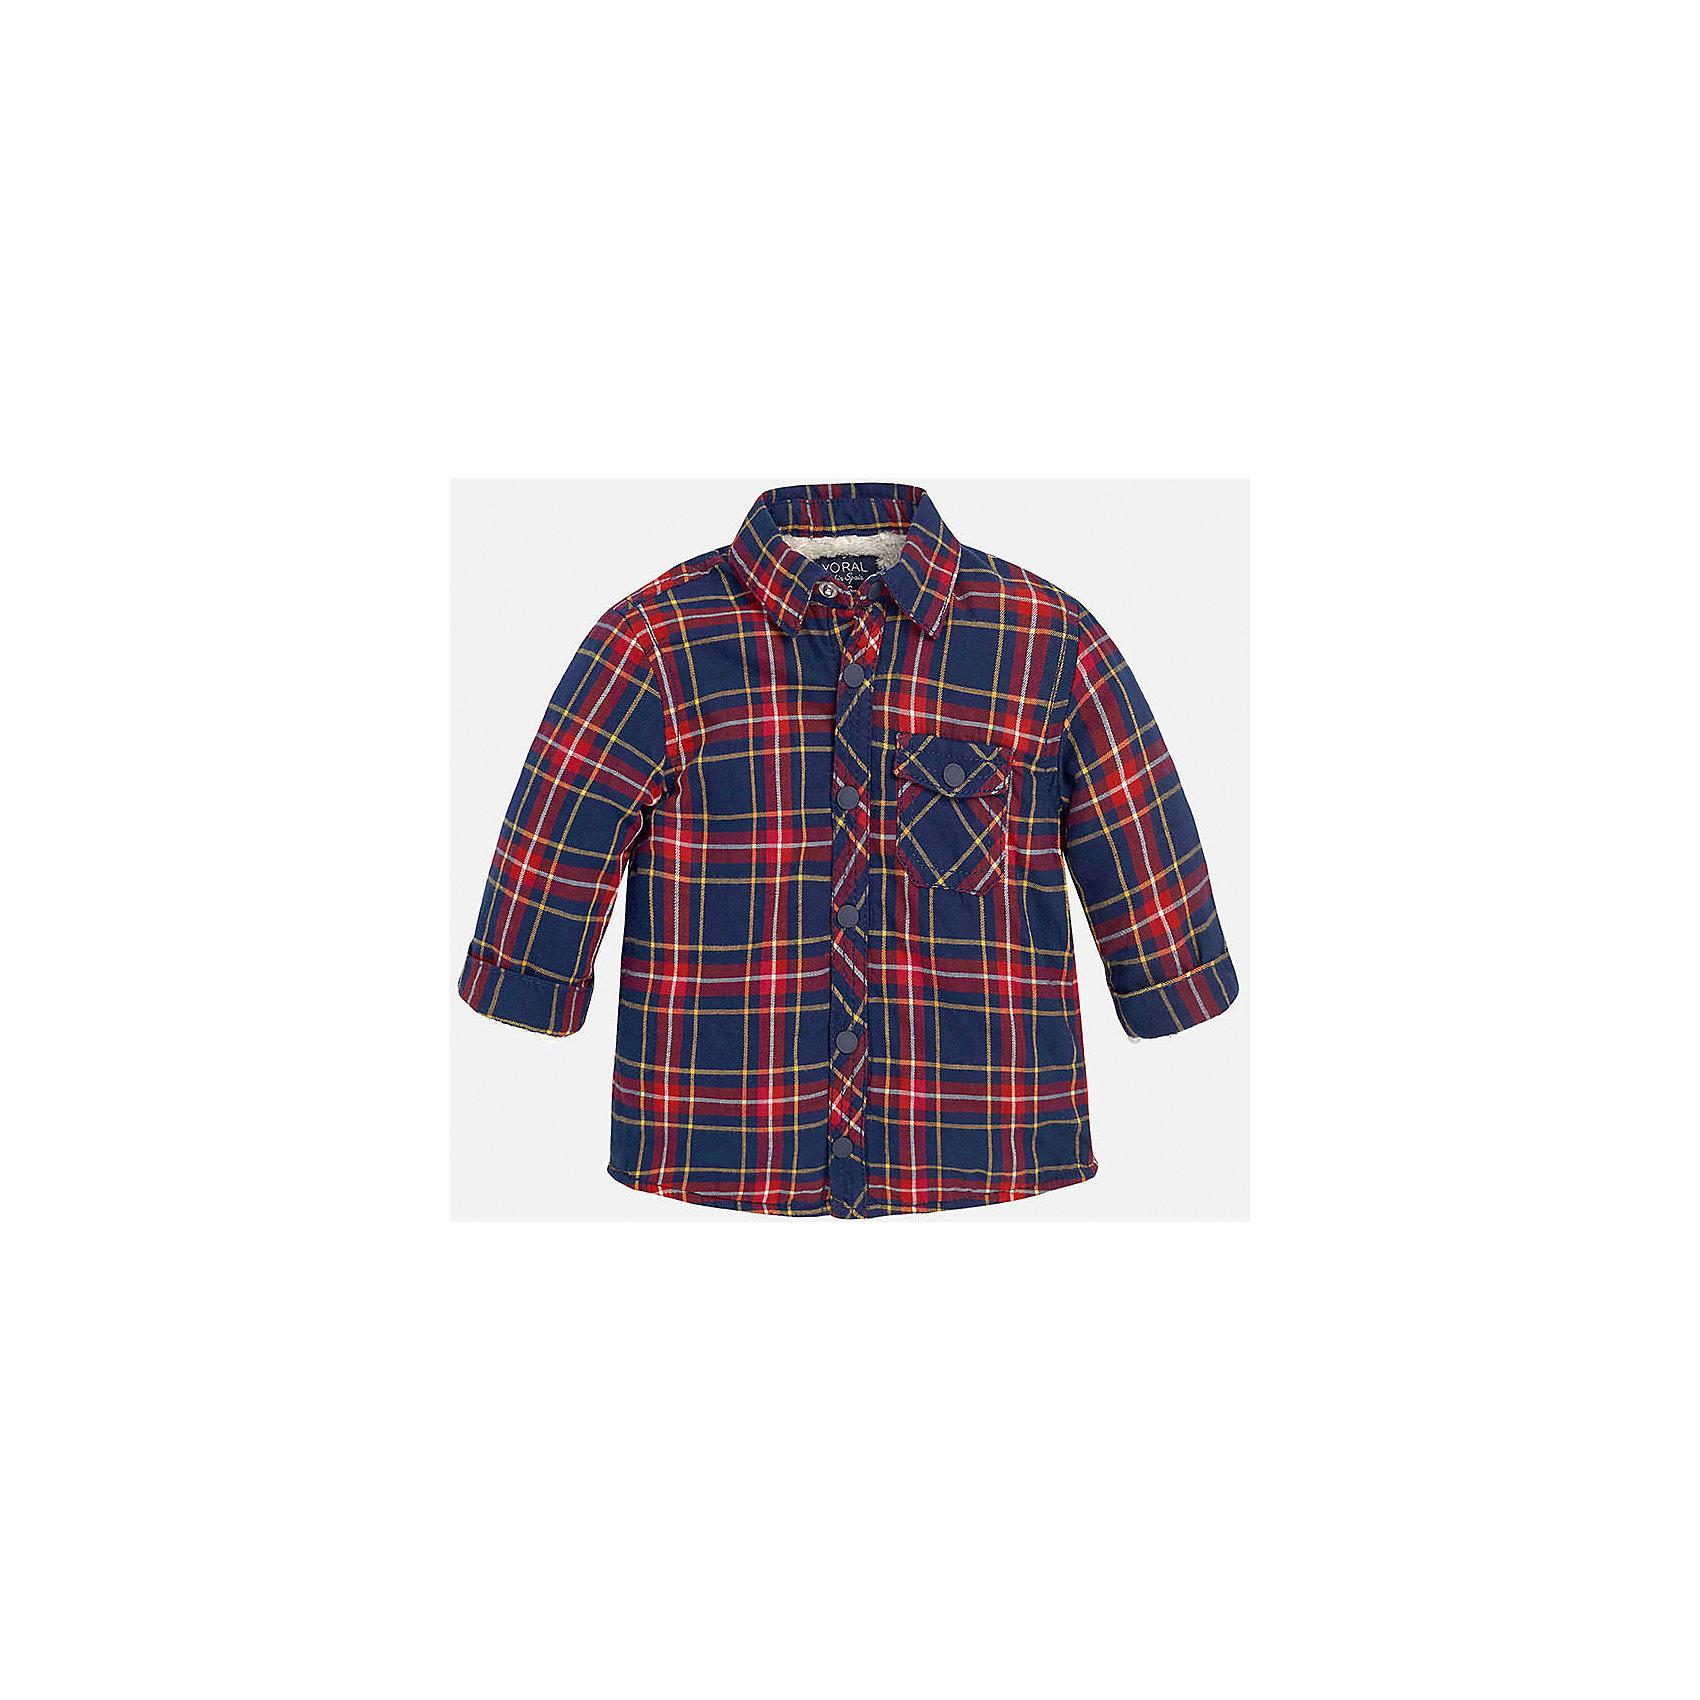 Рубашка для мальчика MayoralРубашка для мальчика от популярного испанского бренда Mayoral(Майорал) изготовлена из натурального хлопка, есть теплая подкладка. Рубашка застегивается на кнопки, на груди карман. Красивая клетчатая рубашка прекрасно подойдет юношам!<br><br>Дополнительная информация: <br>Состав: 100% хлопок. Подкладка: 56% эластомультиэстер, 44% полиэстер<br>Цвет: красный/темно-синий<br>Рубашку для мальчика Mayoral(Майорал) можно купить в нашем интернет-магазине.<br><br>Ширина мм: 174<br>Глубина мм: 10<br>Высота мм: 169<br>Вес г: 157<br>Цвет: бордовый<br>Возраст от месяцев: 6<br>Возраст до месяцев: 9<br>Пол: Мужской<br>Возраст: Детский<br>Размер: 74,92,86,80<br>SKU: 4820570